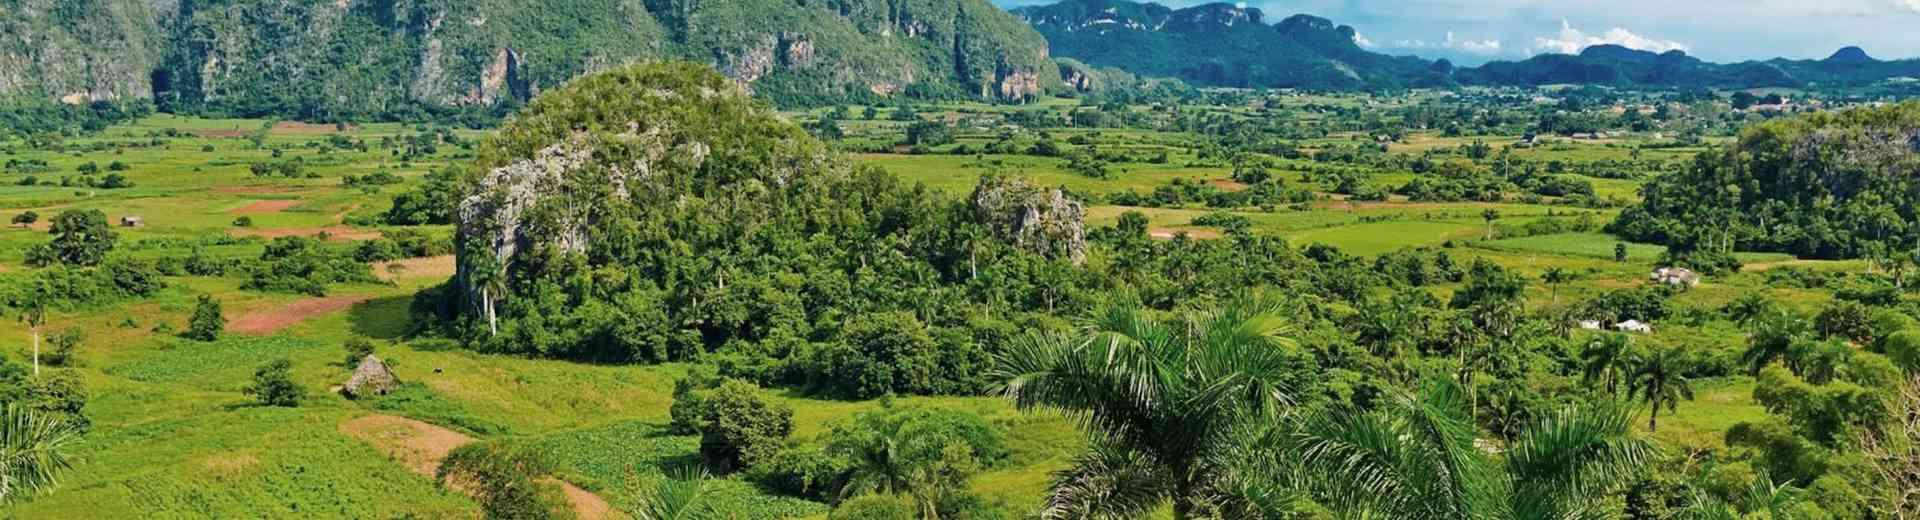 Cuba réunira des amants de la lentille et de la nature